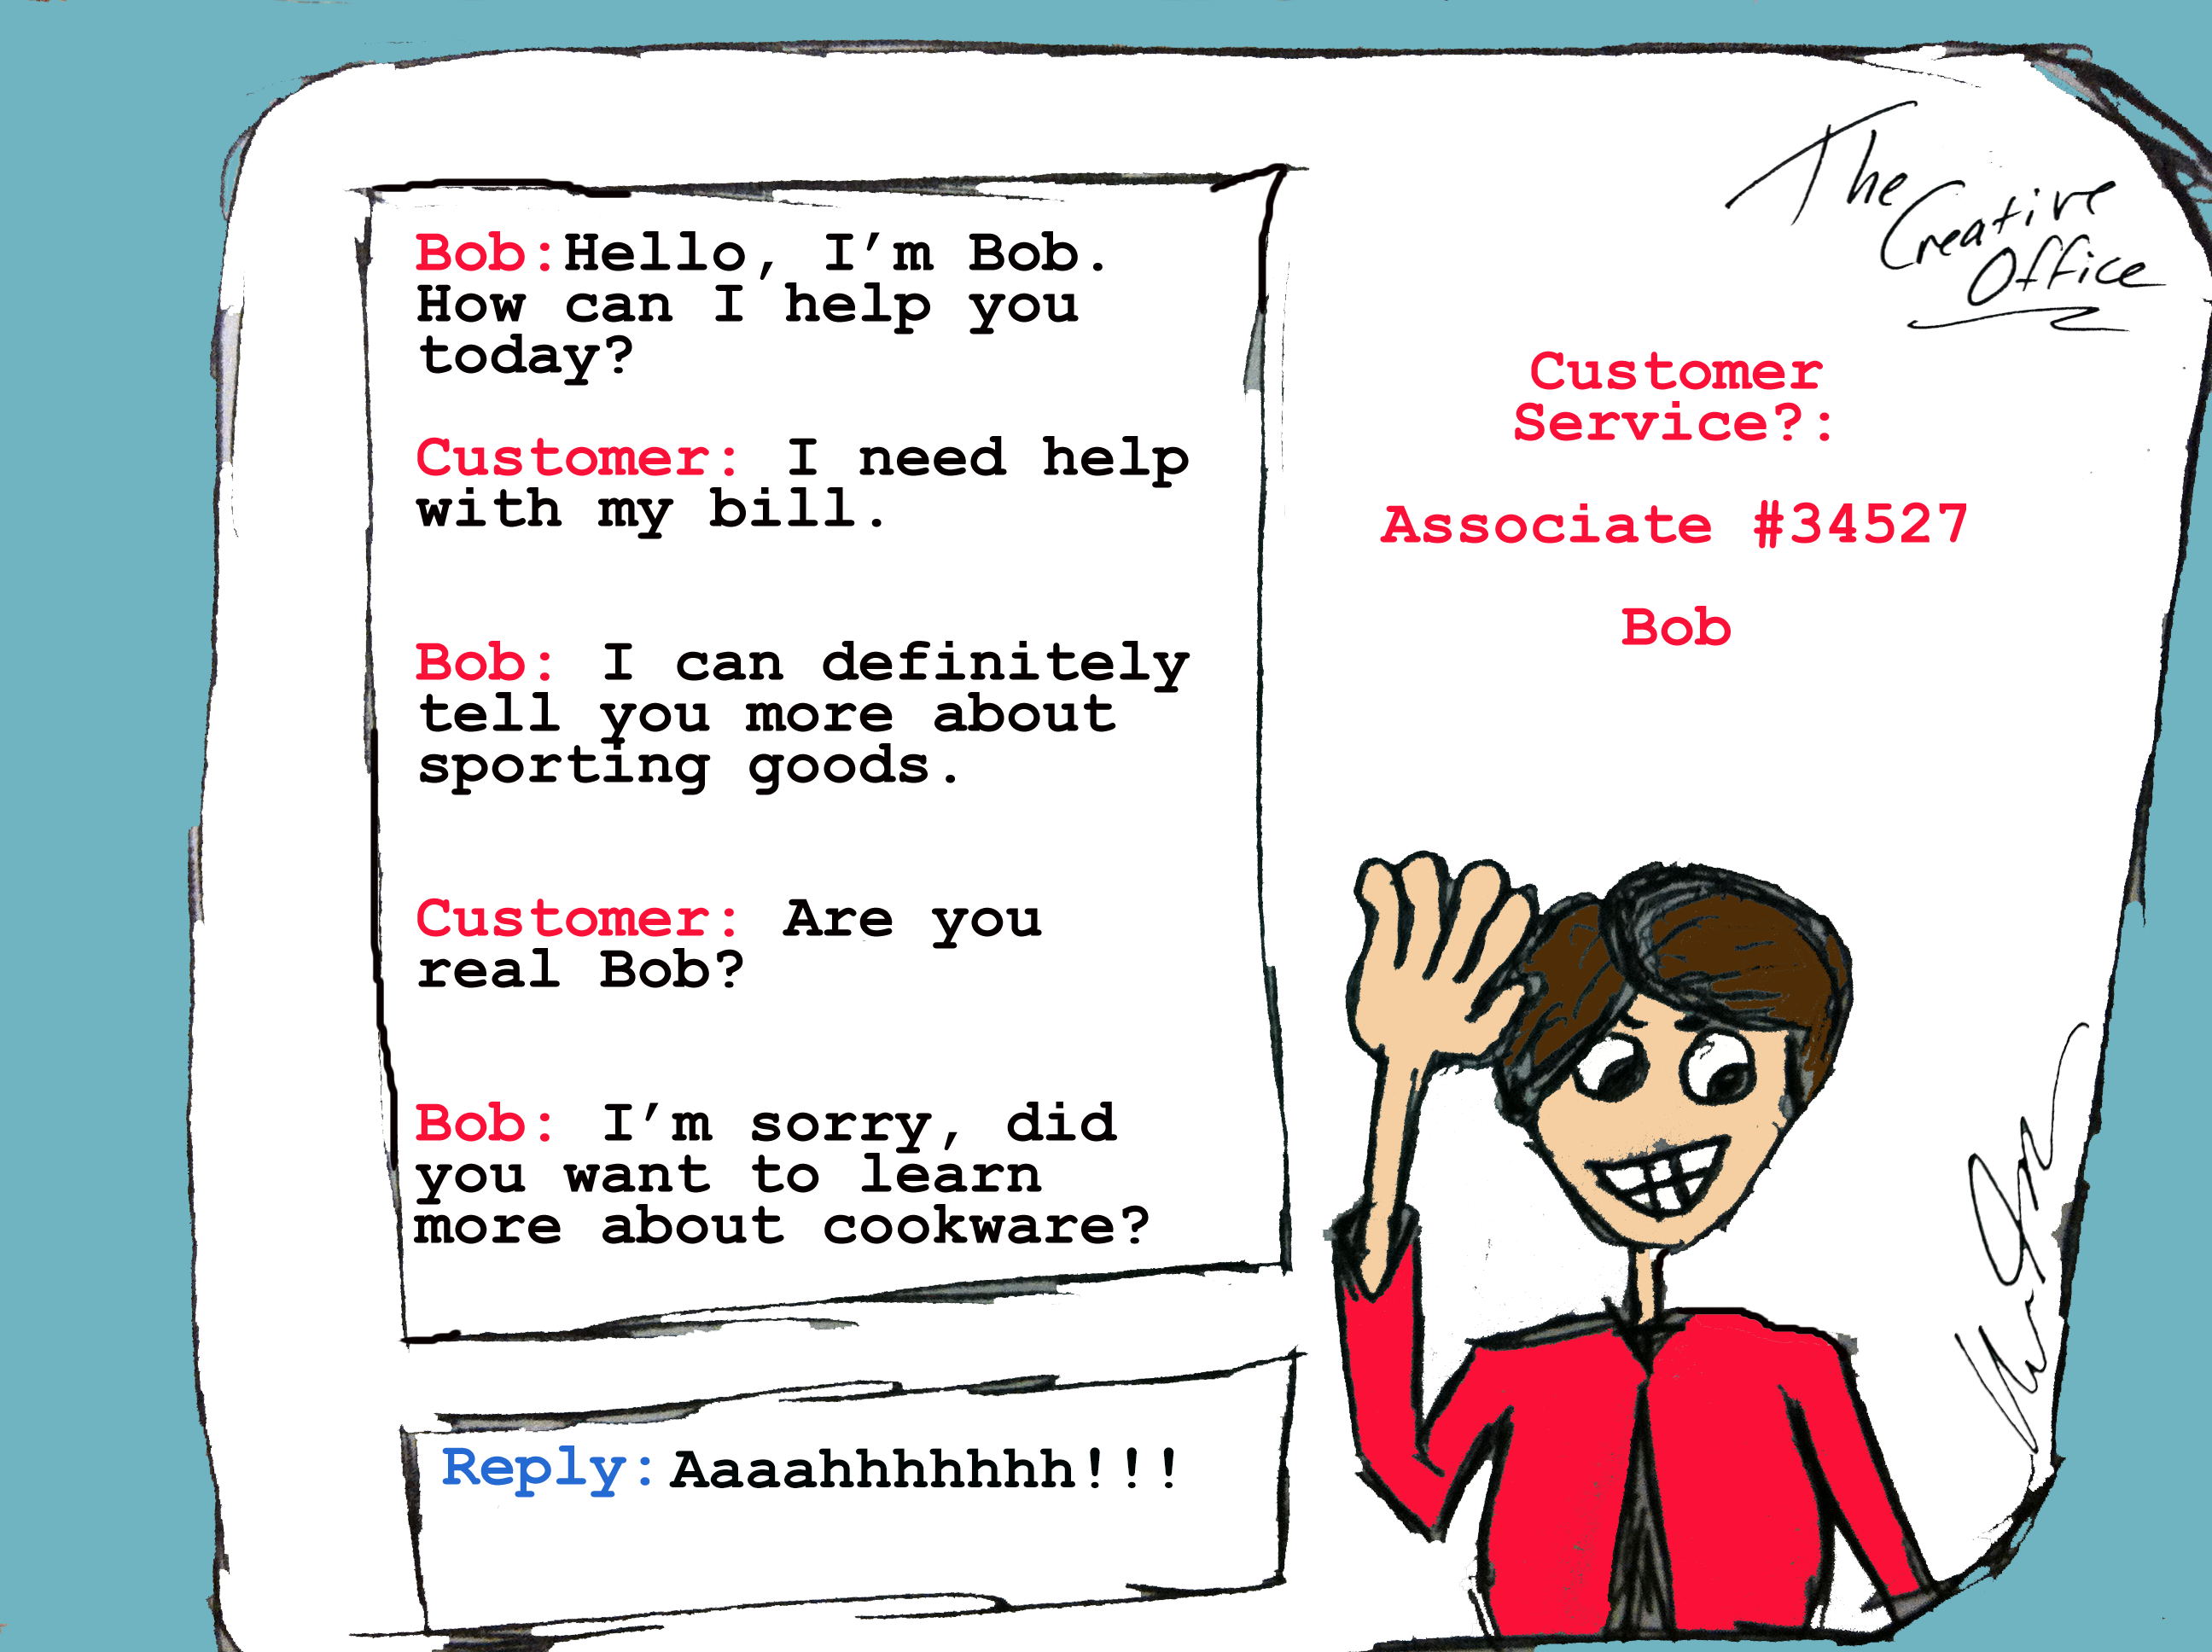 Customer Service Bob